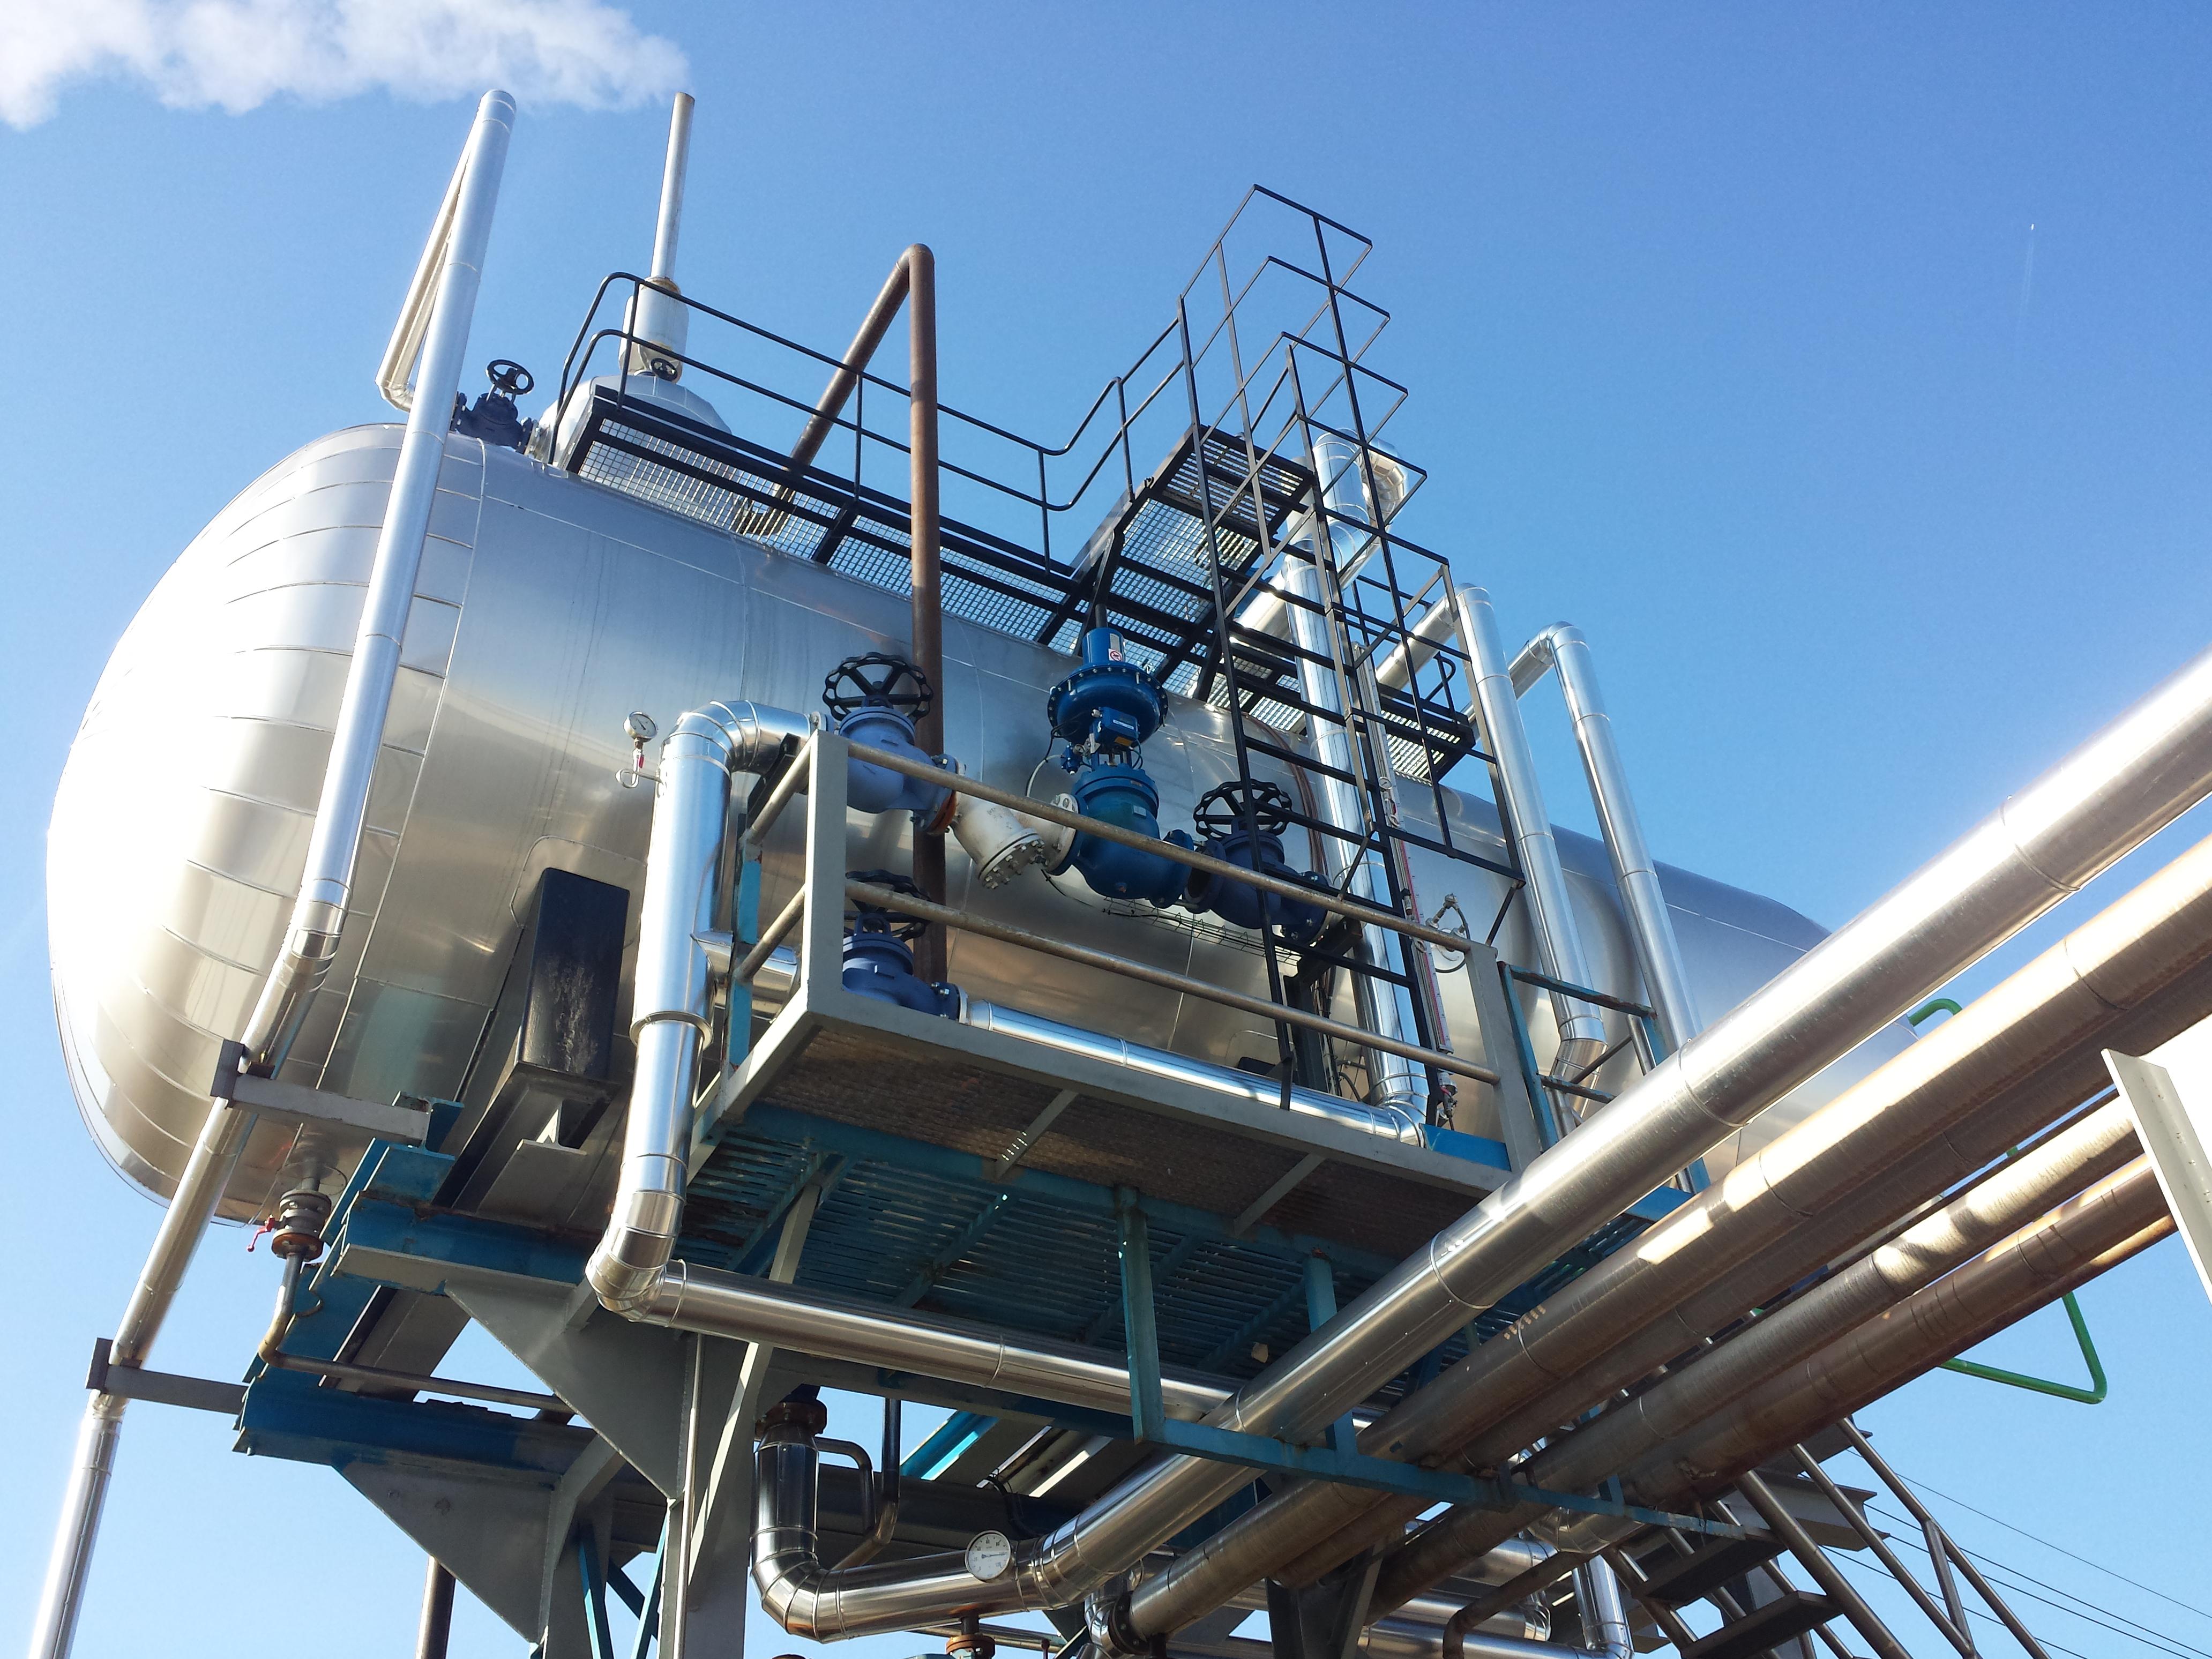 Calderas de vapor desgasificador DGV 1 Calderería López Hermanos, S.A. Valencia